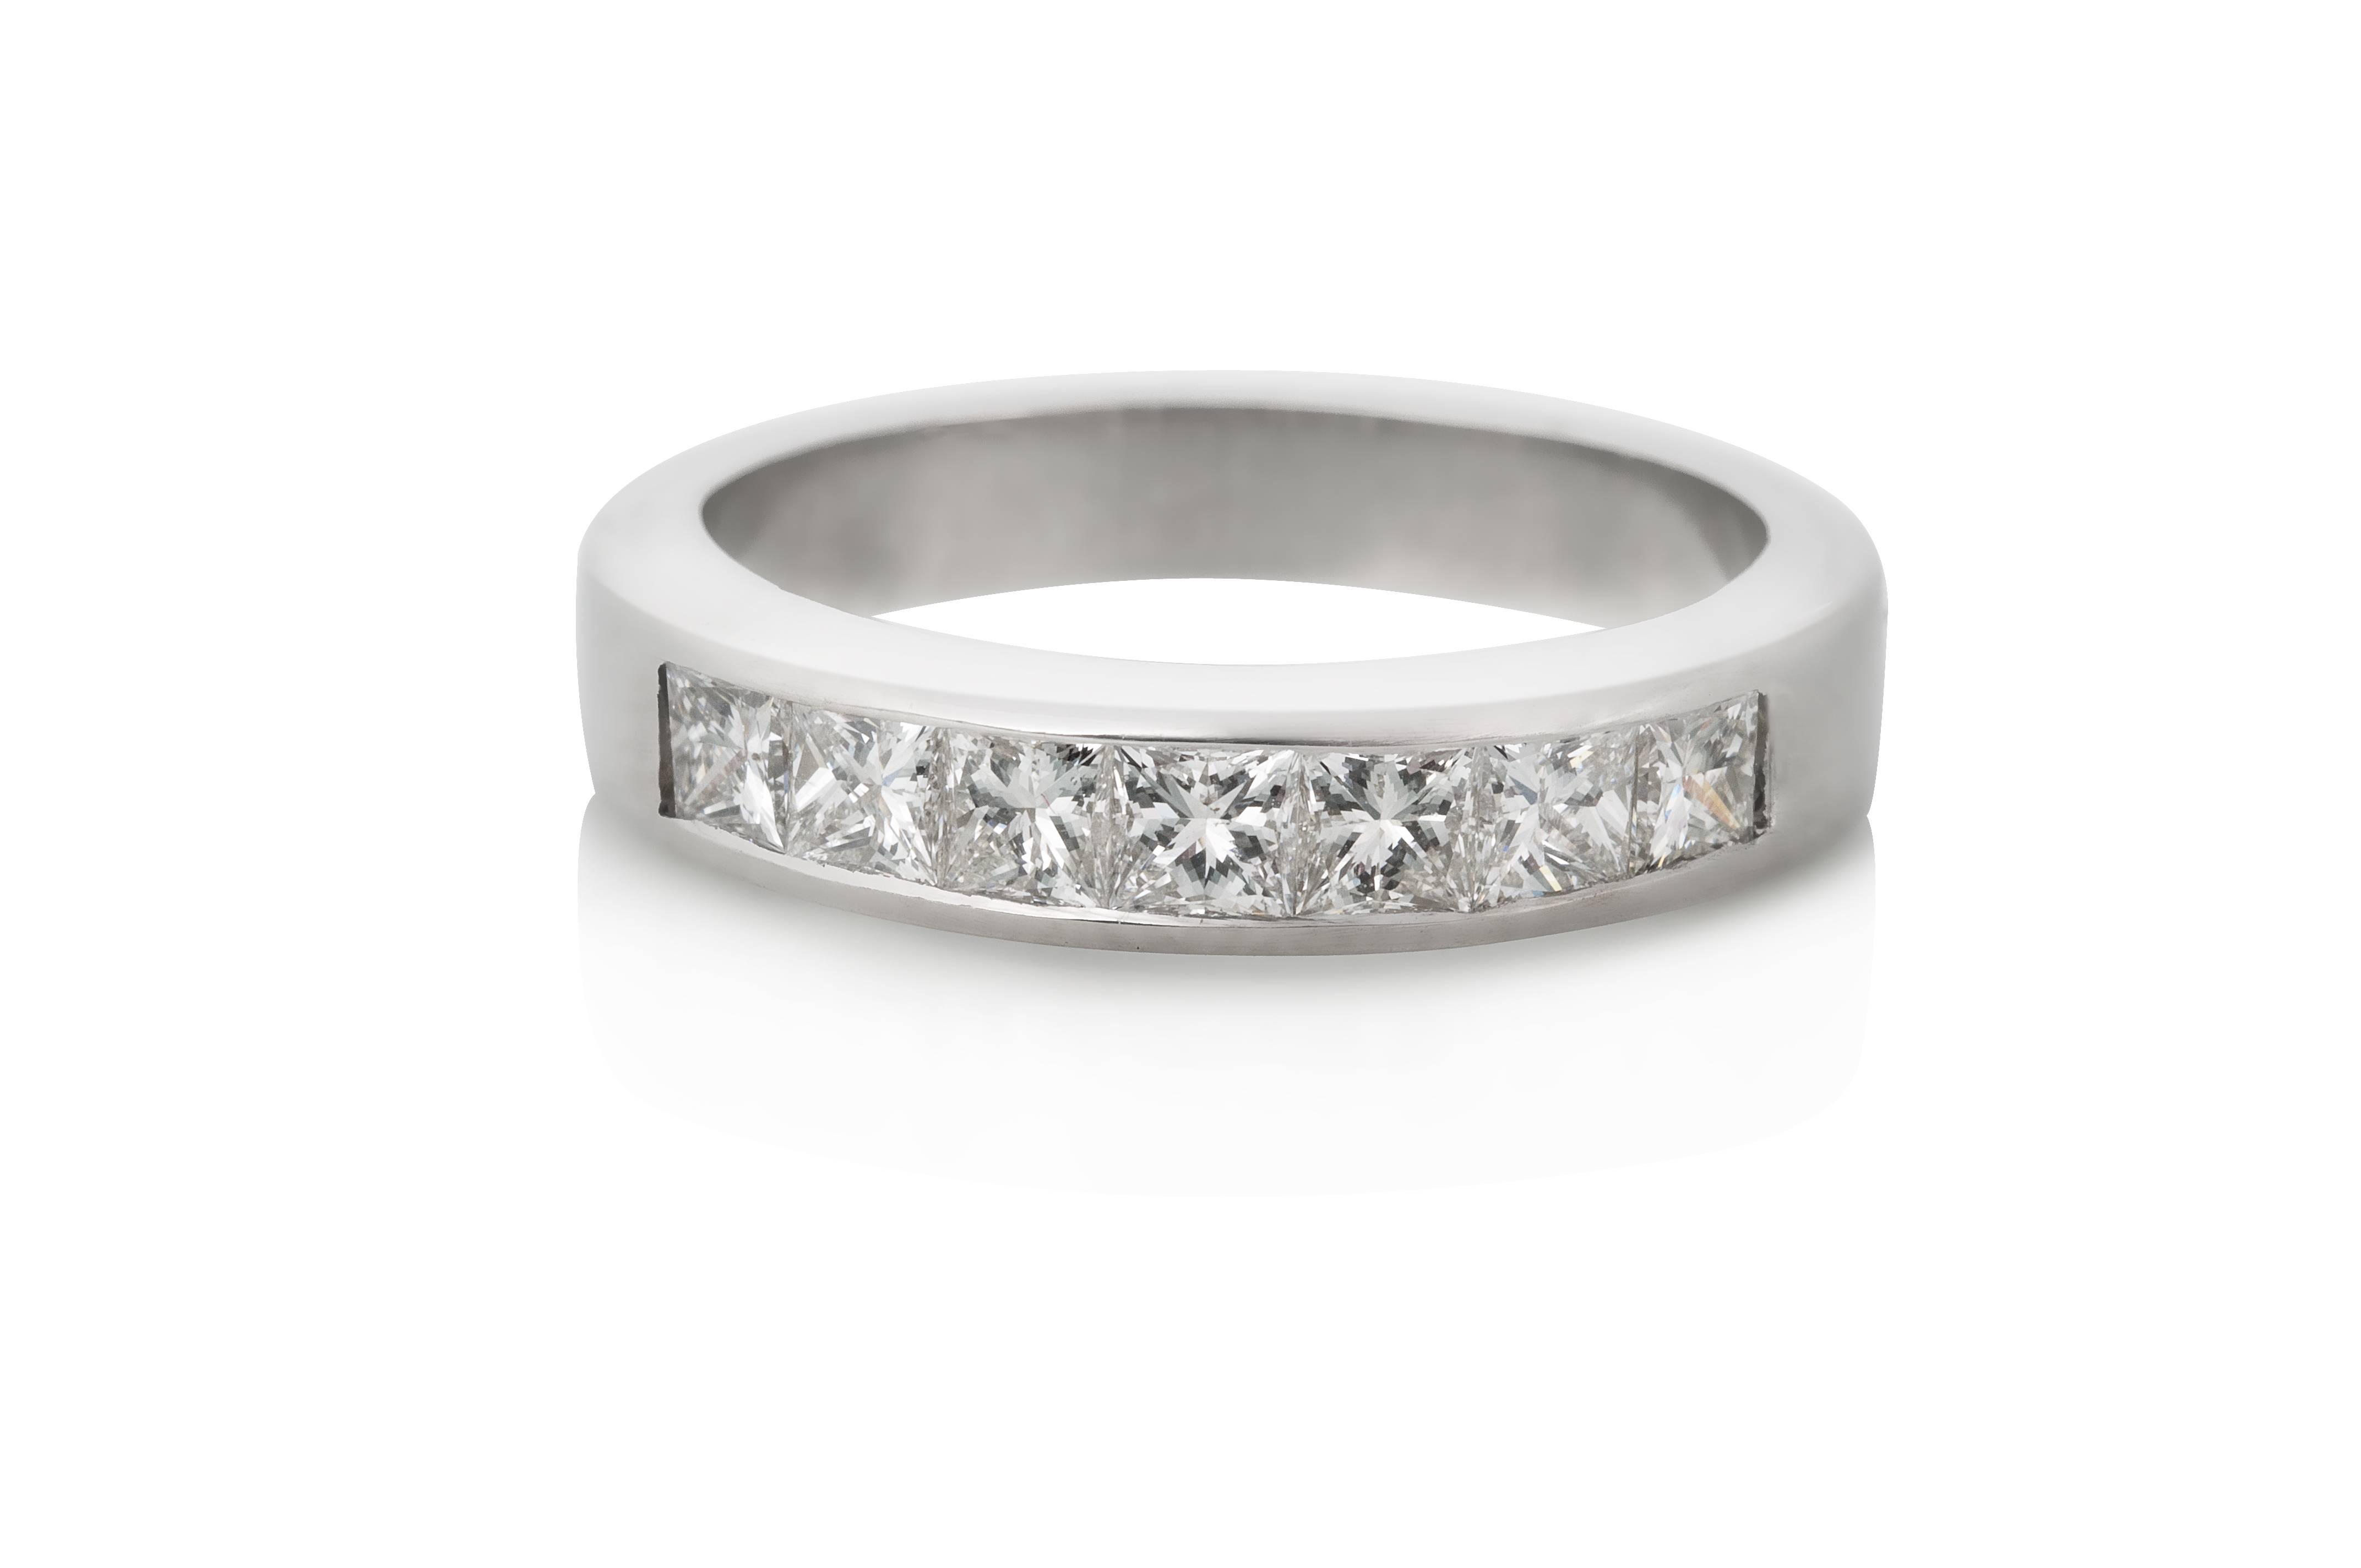 Channel Set Diamond Wedding Bandkeezing Kreations Boston In 2017 Platinum Channel Set Wedding Band (Gallery 9 of 15)